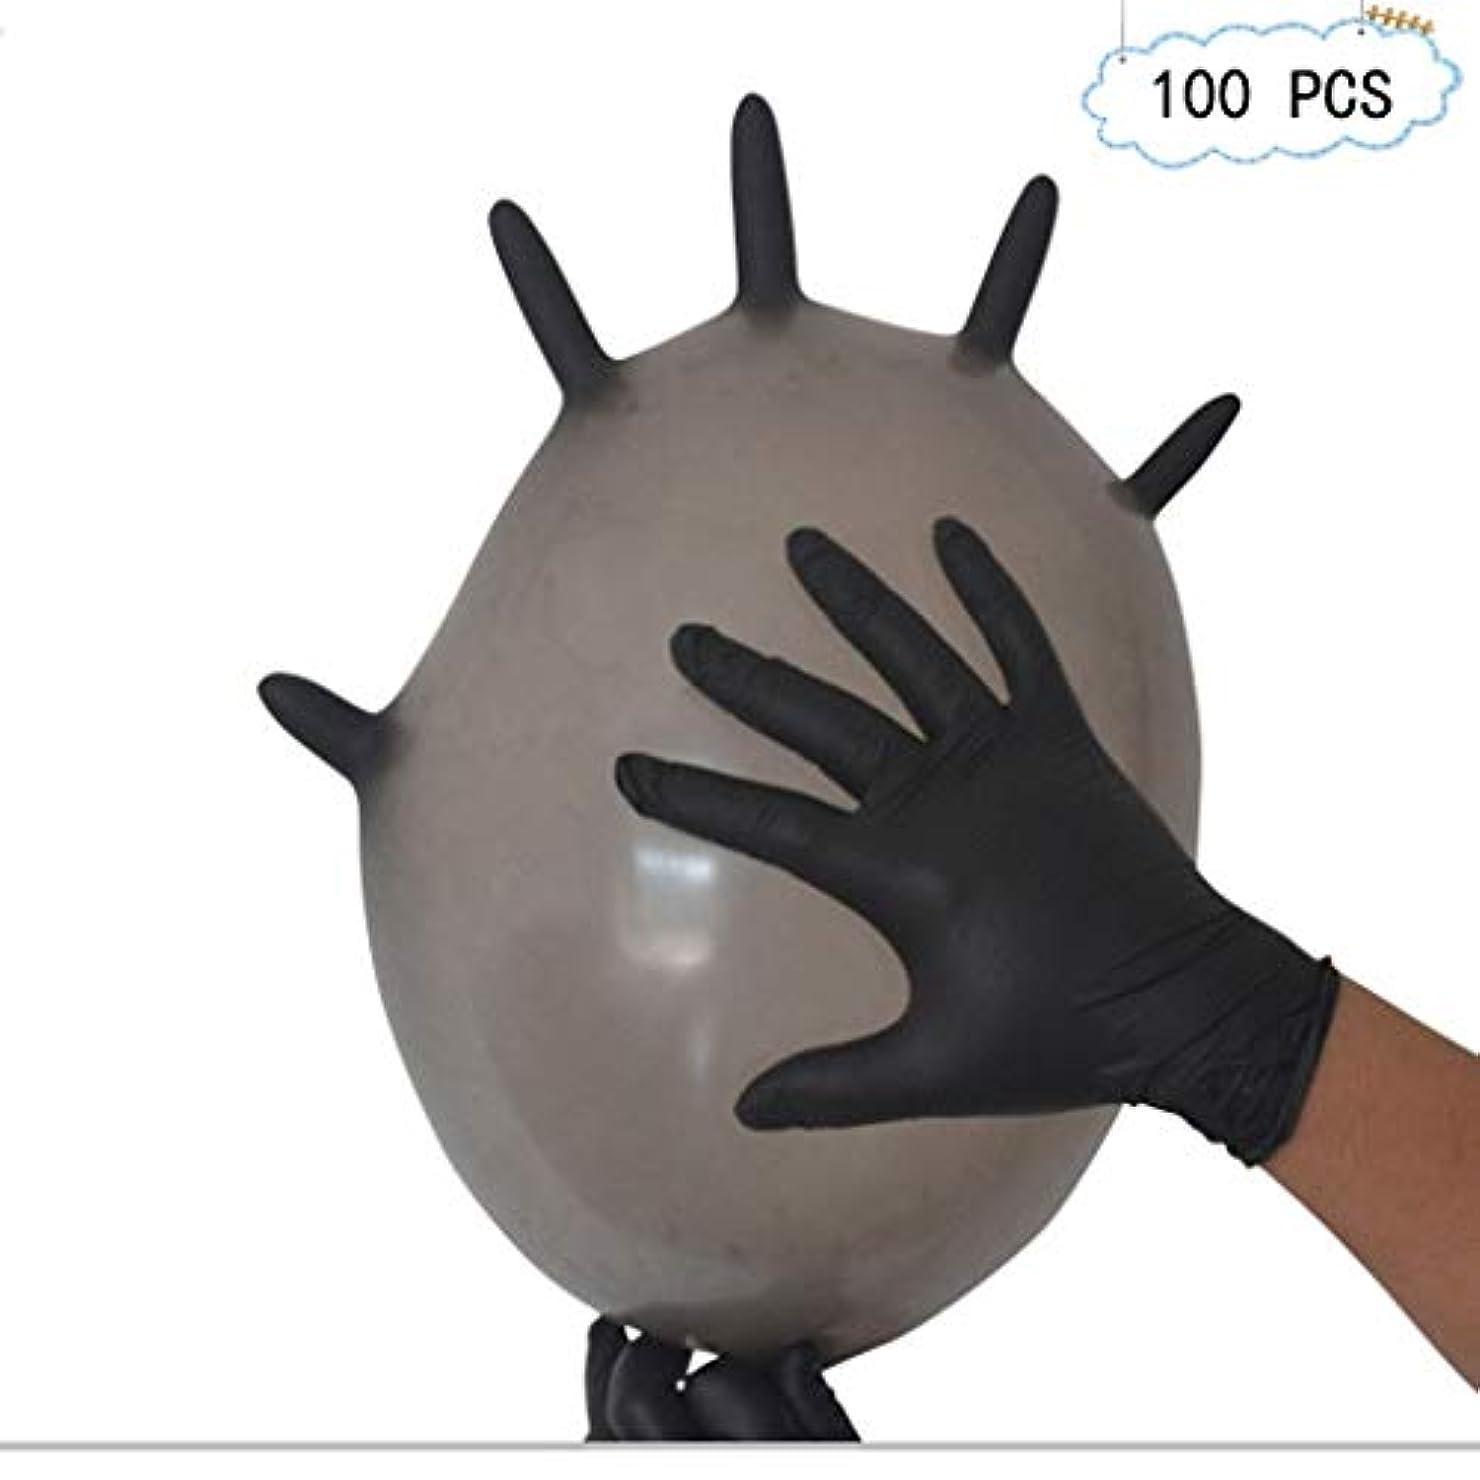 開発風刺無心ニトリル手袋使い捨てニトリル手袋耐油性試験黒色タトゥー産業労働保険ゴム製食器洗いデューティー試験手袋|病院向けのプロフェッショナルグレード (Size : L)